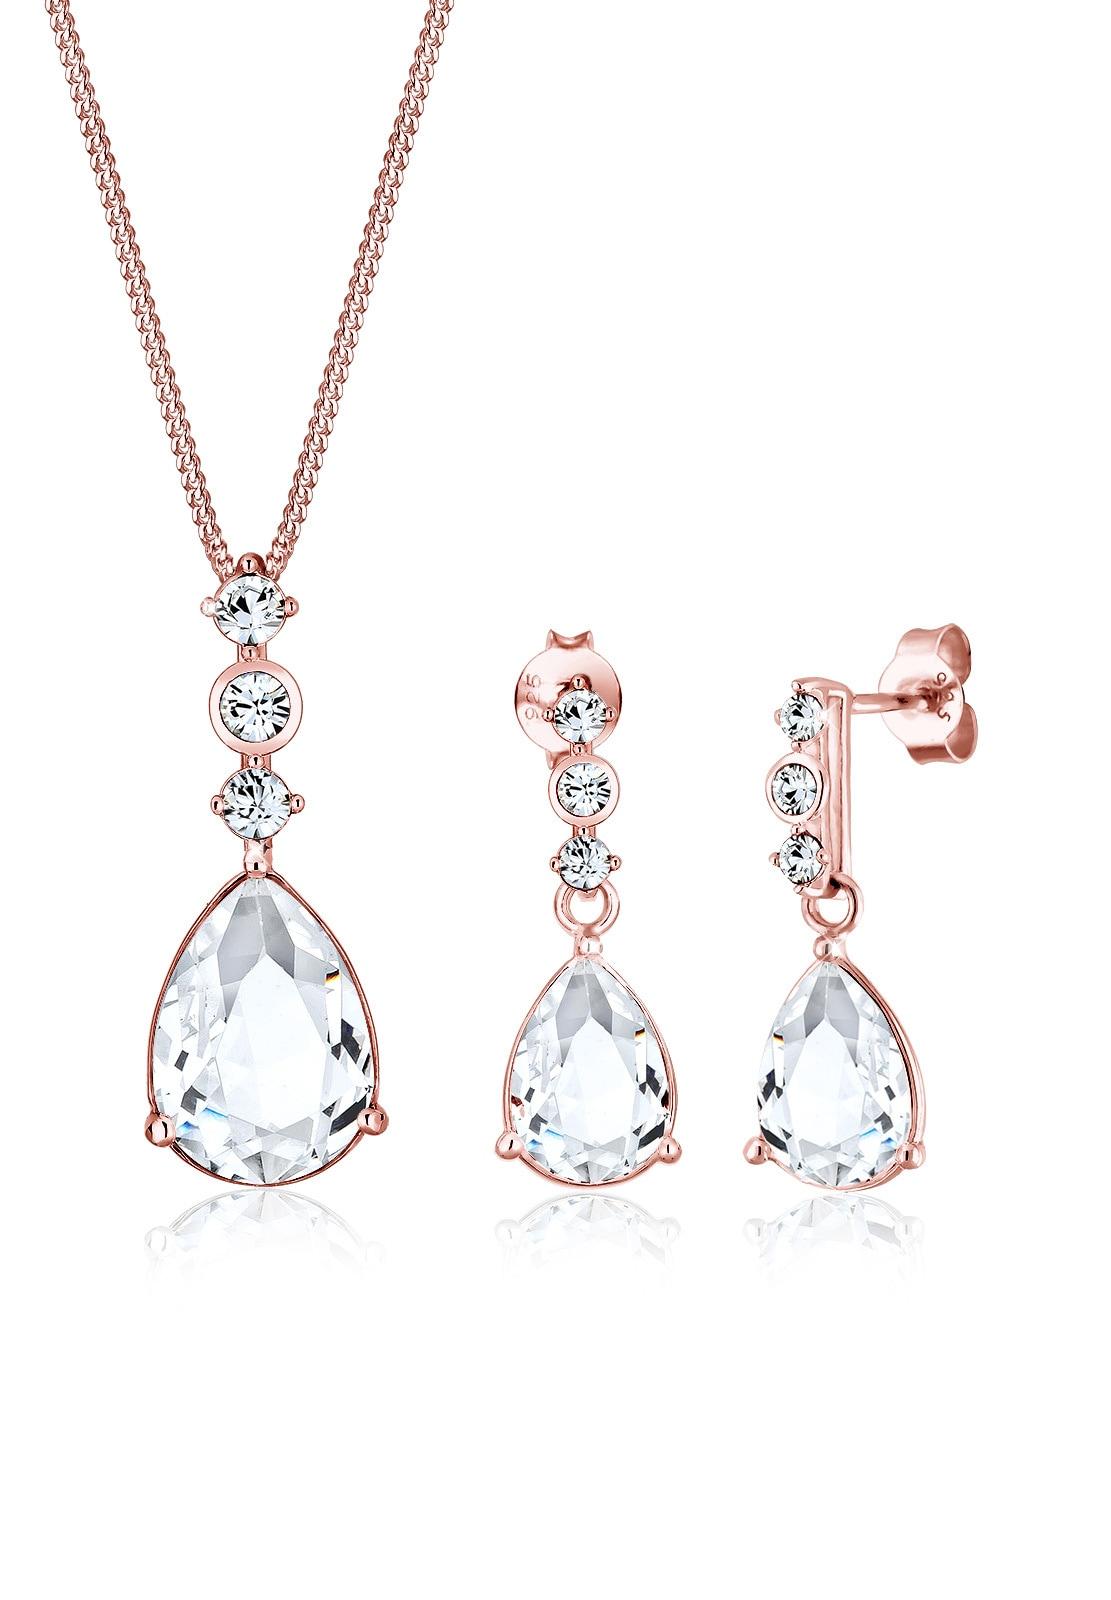 Elli Schmuckset Set Tropfen Swarovski Kristalle 925 Silber | Schmuck > Schmucksets | Elli